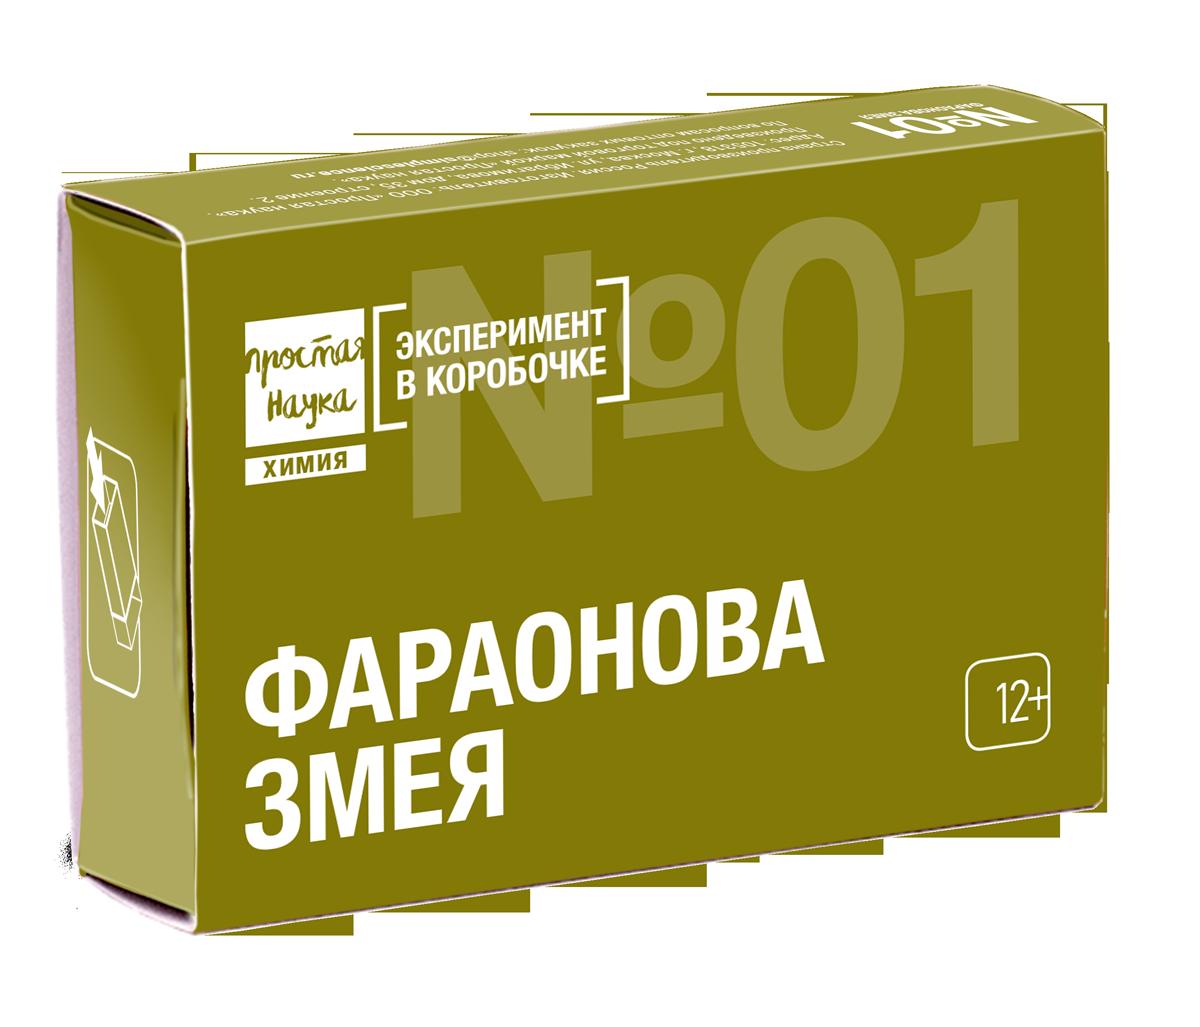 Набор №01 - Фараонова змея - Эксперимент в коробочке - Простая Наука